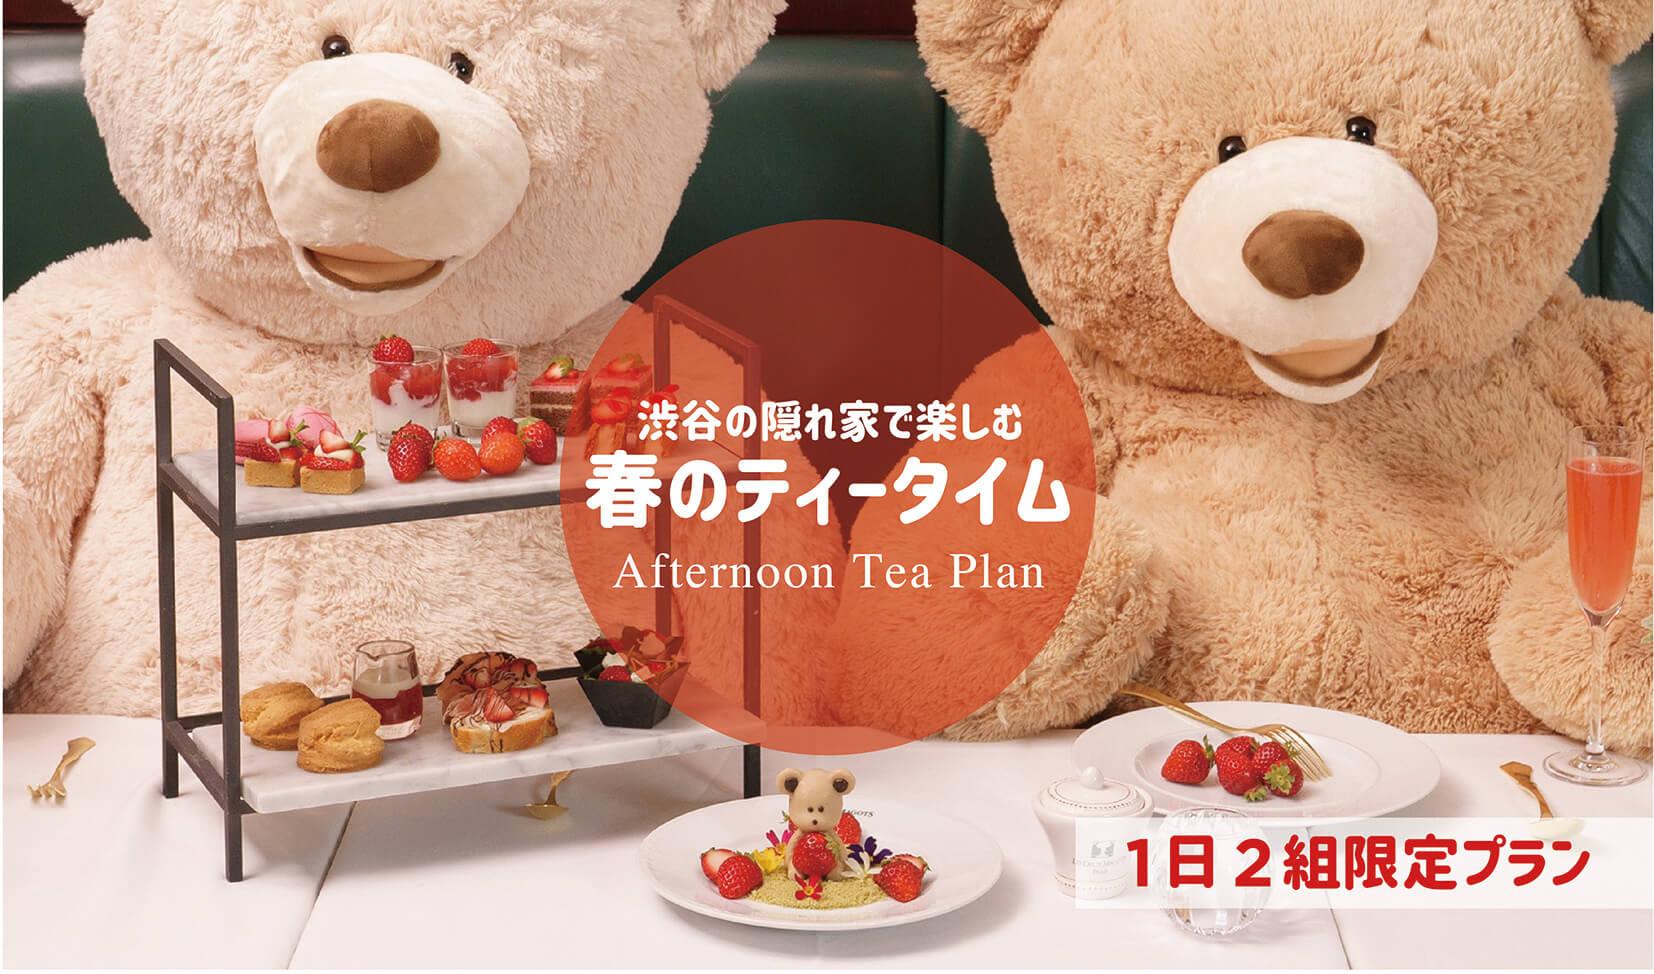 【1日2組限定】渋谷の隠れ家フレンチ「ドゥマゴ」のくまたちと楽しむアフタヌーンプランが登場!